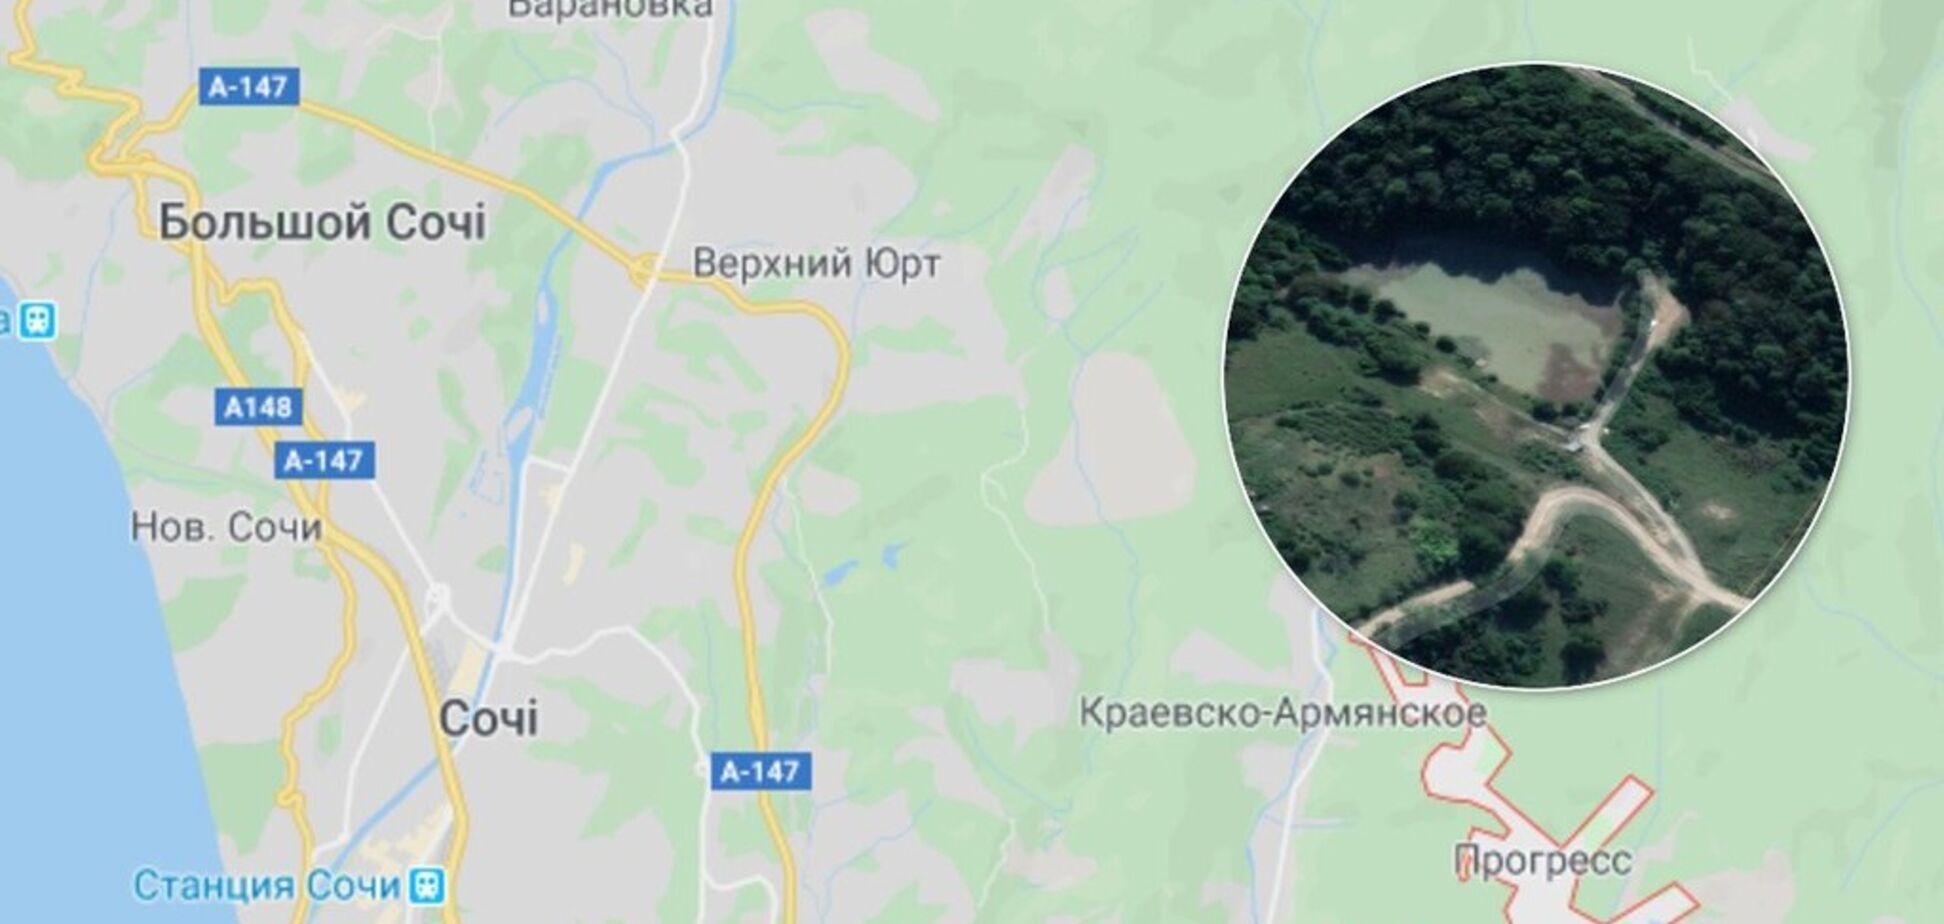 Янукович вляпался в новый скандал: как беглый президент обманывает россиян и отжимает их землю